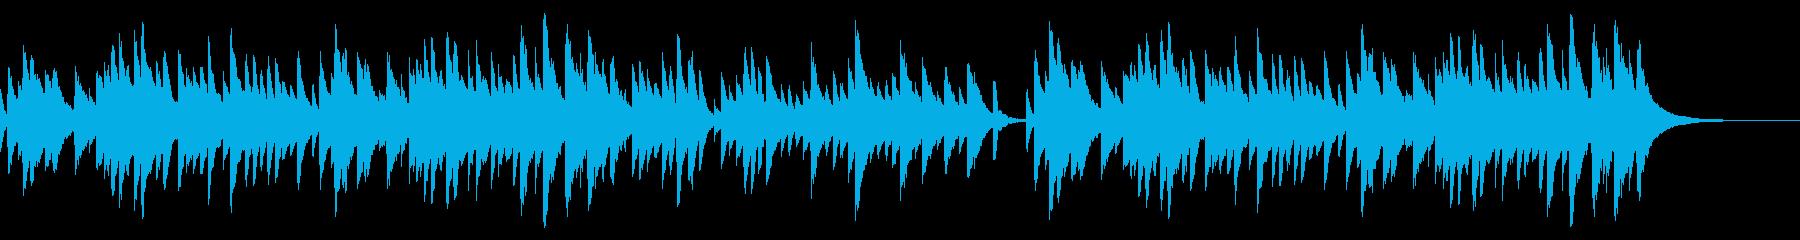 讃美歌風のキラキラしたオルゴール曲の再生済みの波形